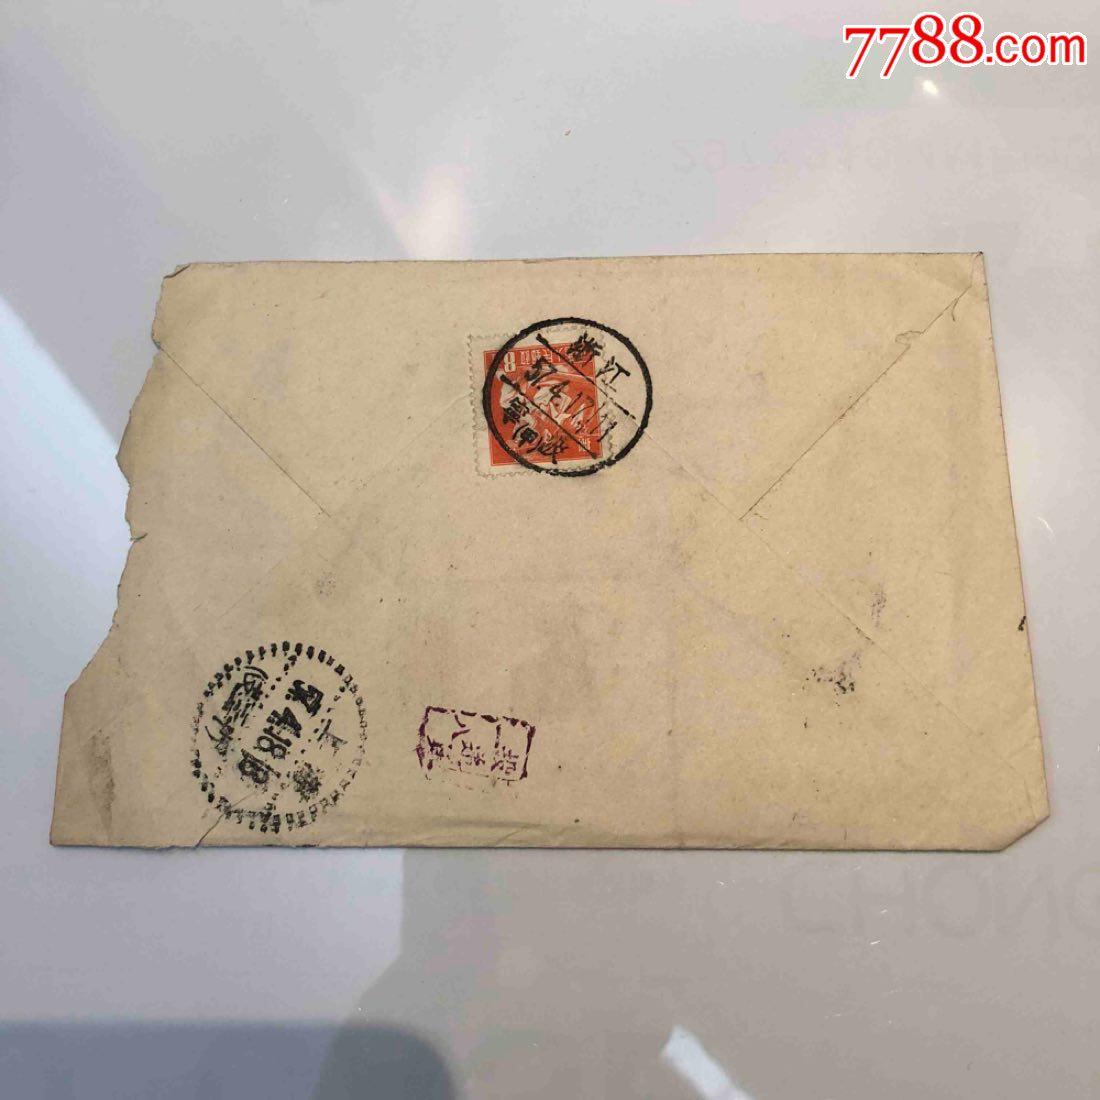 57年上海支30宁波甲邮戳贴8分邮票投递员一八、本店其它信封在拍_价格29元_第1张_